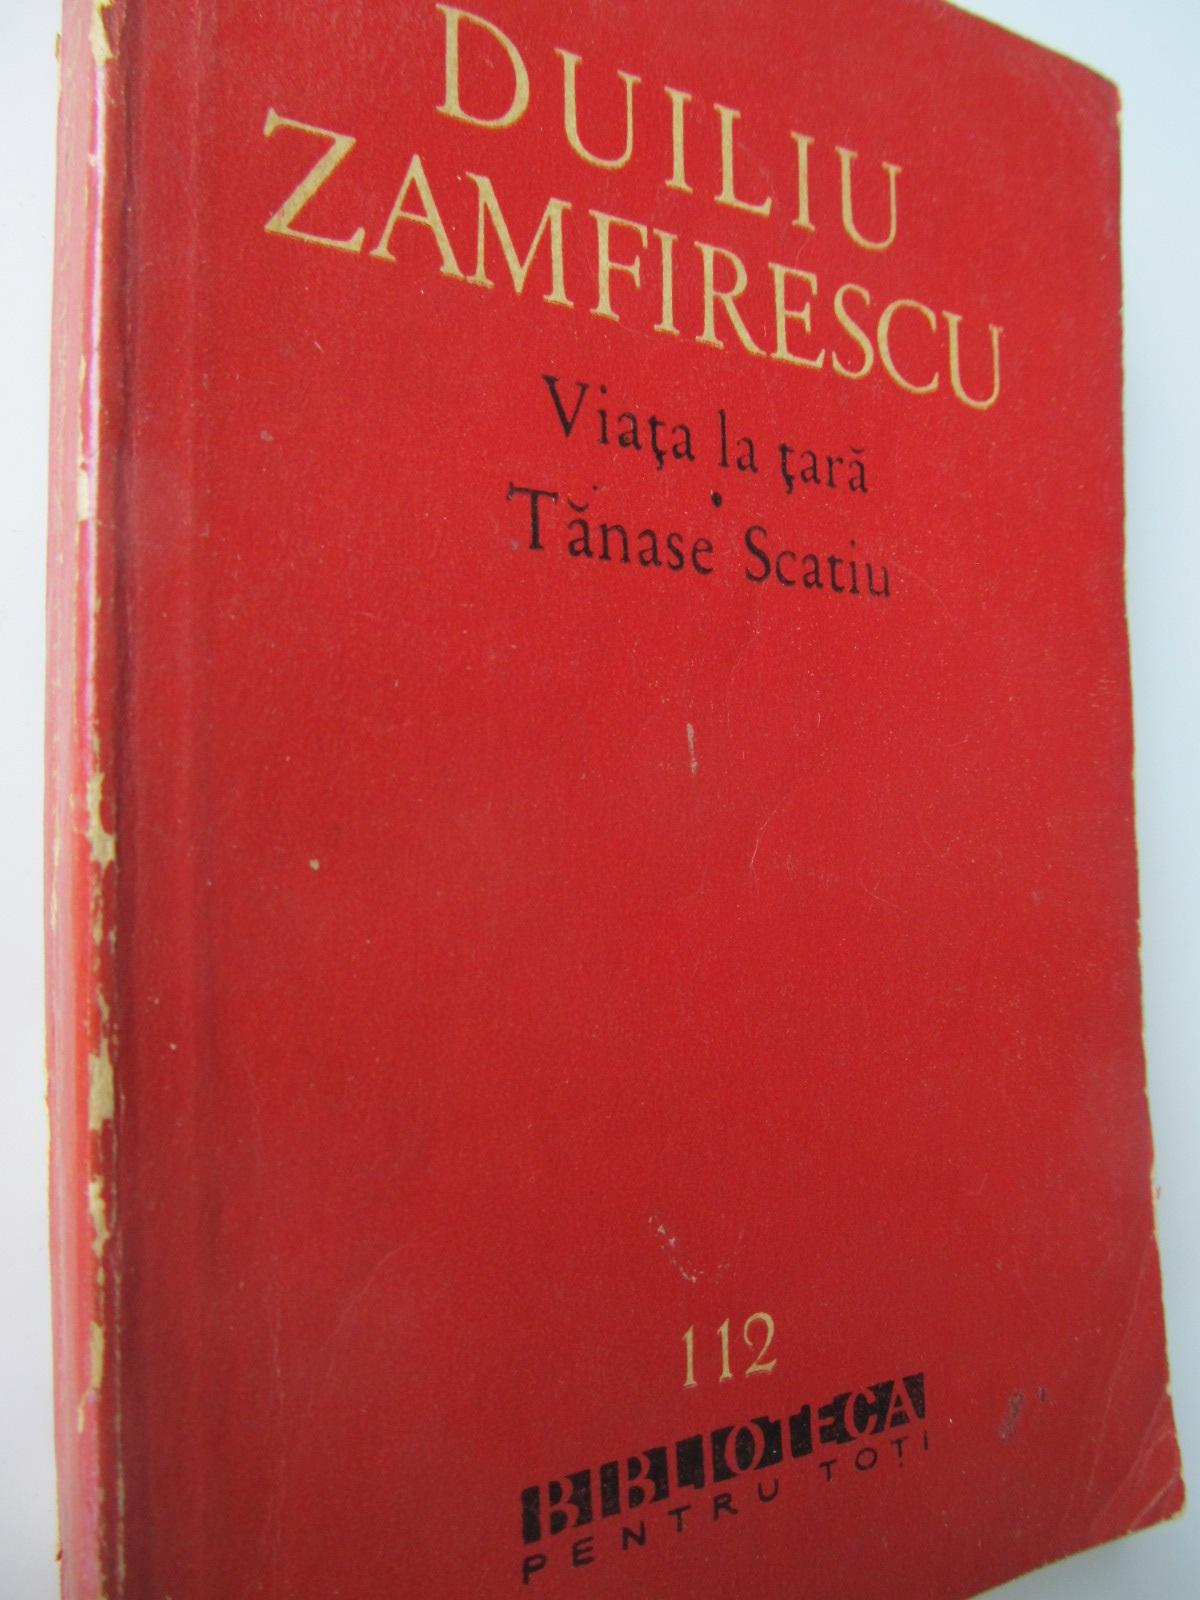 Viata la tara Tanase Scatiu - Duiliu Zamfirescu | Detalii carte